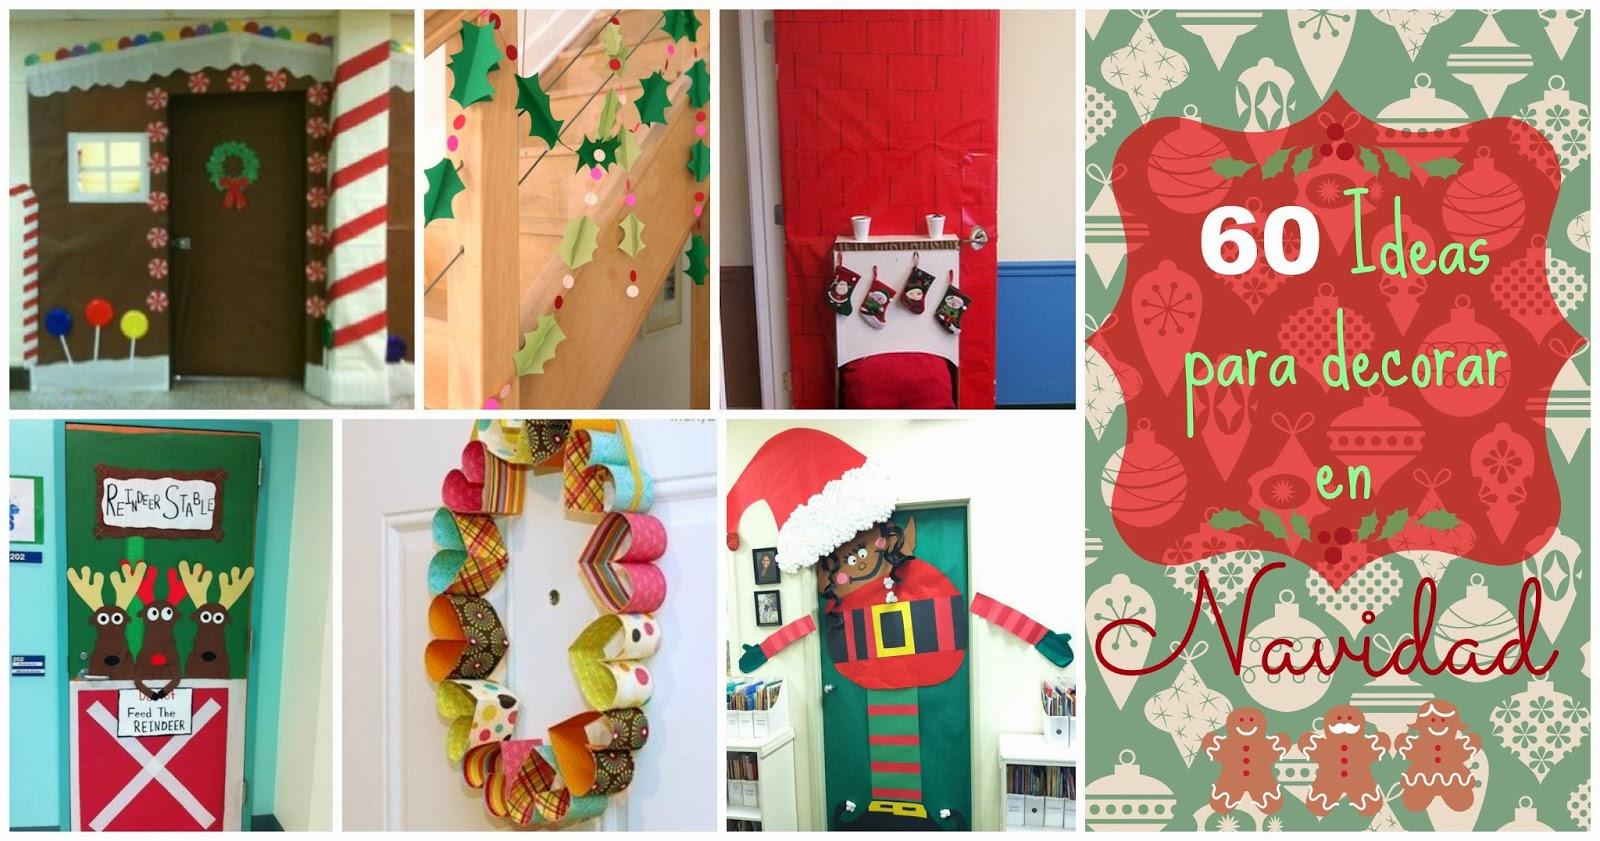 Recursos Ideas para decorar y preparar el aula para Navidad